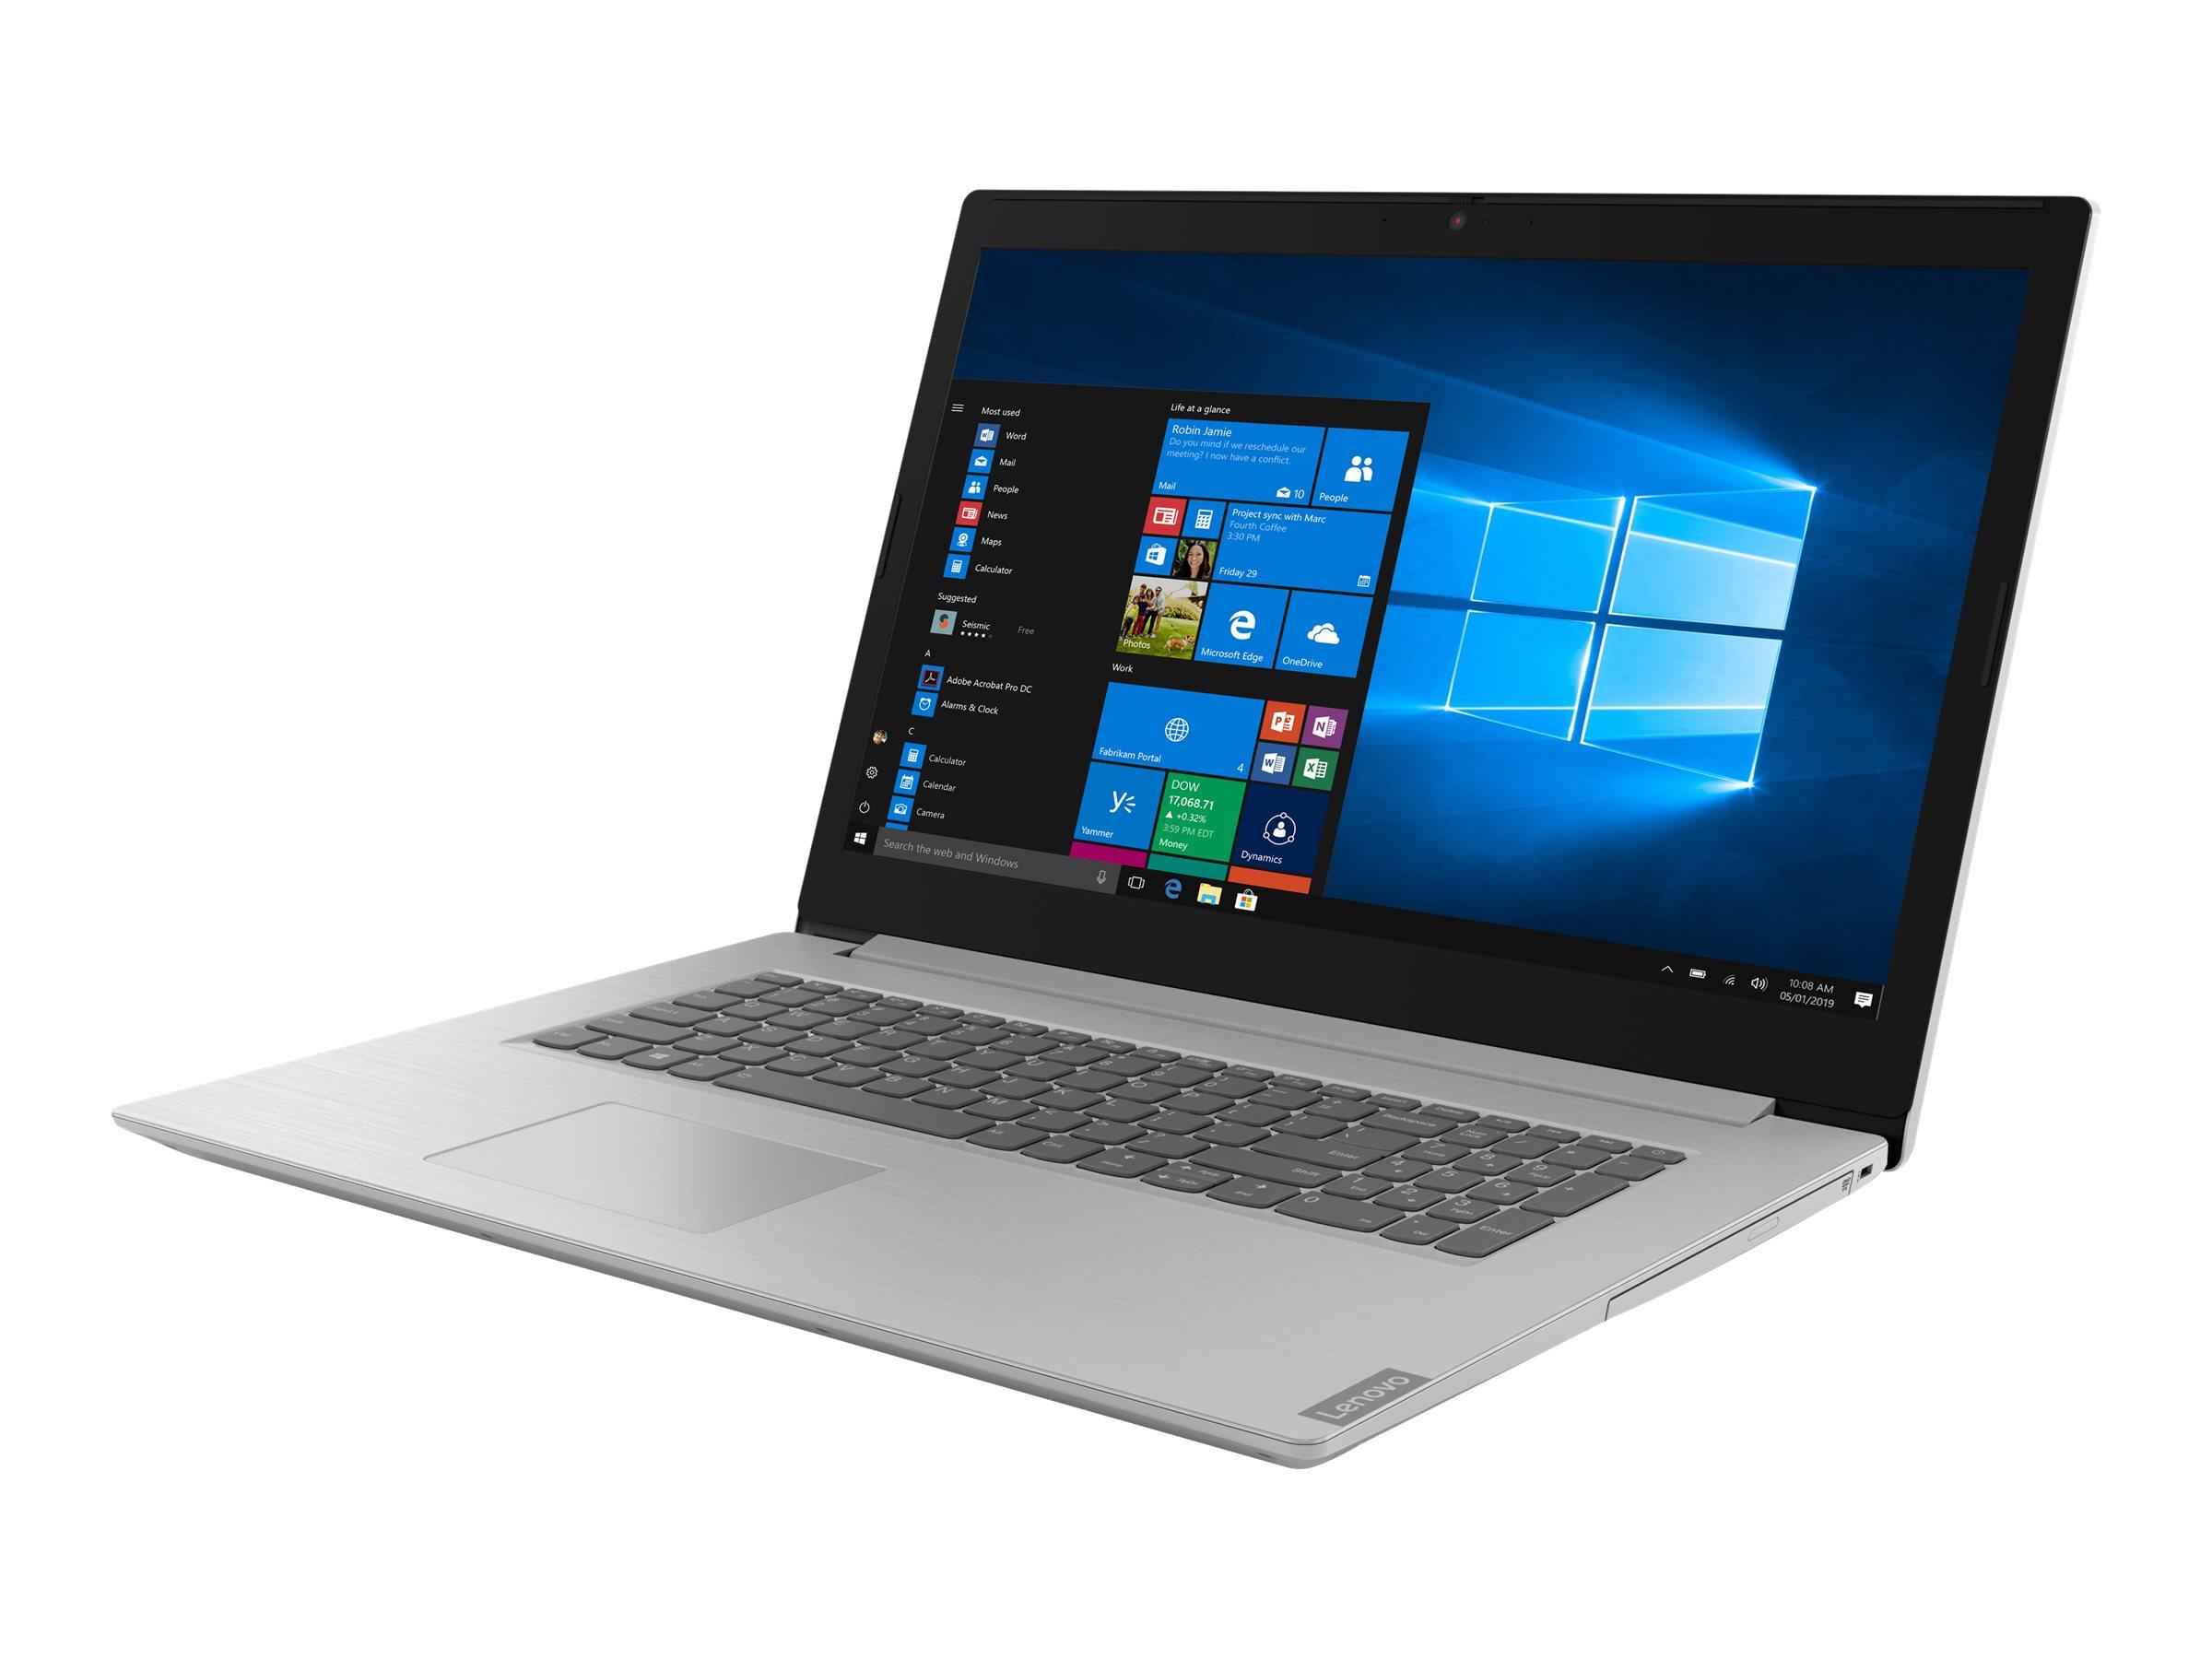 Lenovo IdeaPad L340-17IWL 81M0 - Pentium Gold 5405U / 2.3 GHz - kein Betriebssystem - 4 GB RAM - 128 GB SSD NVMe - 43.9